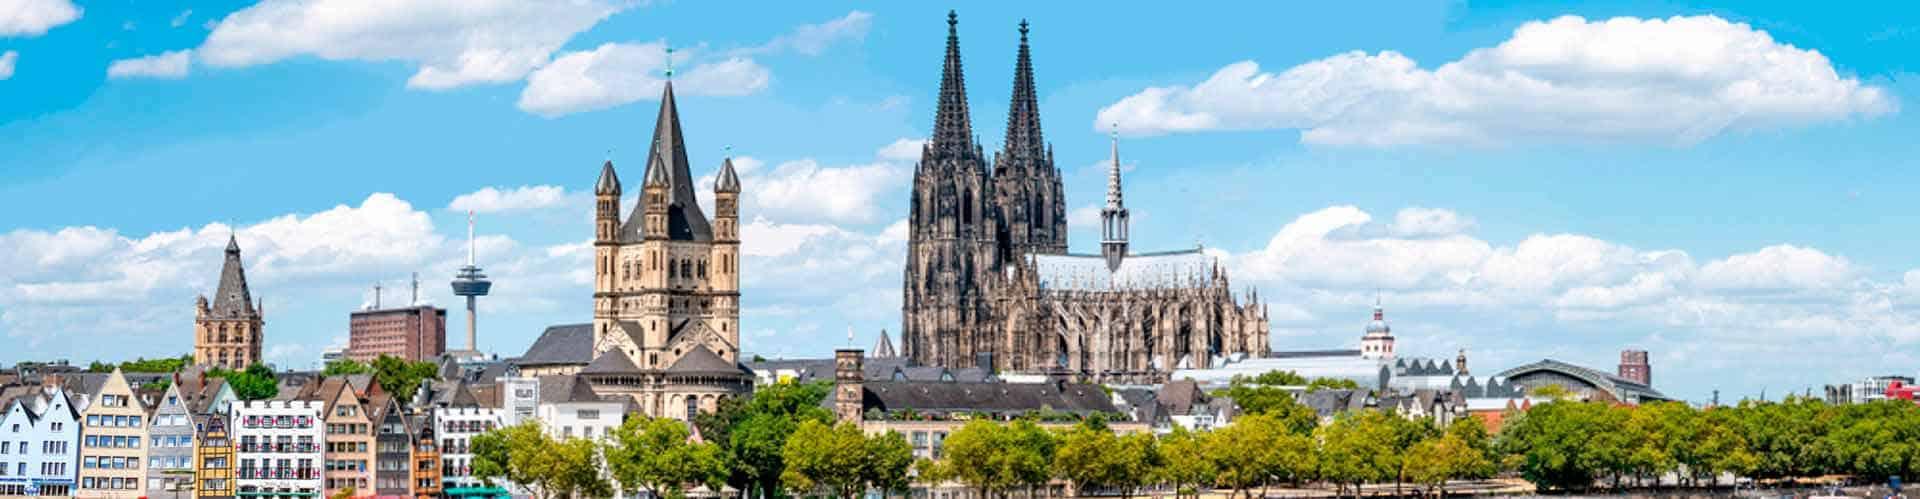 free tour colonia – turismo alemania